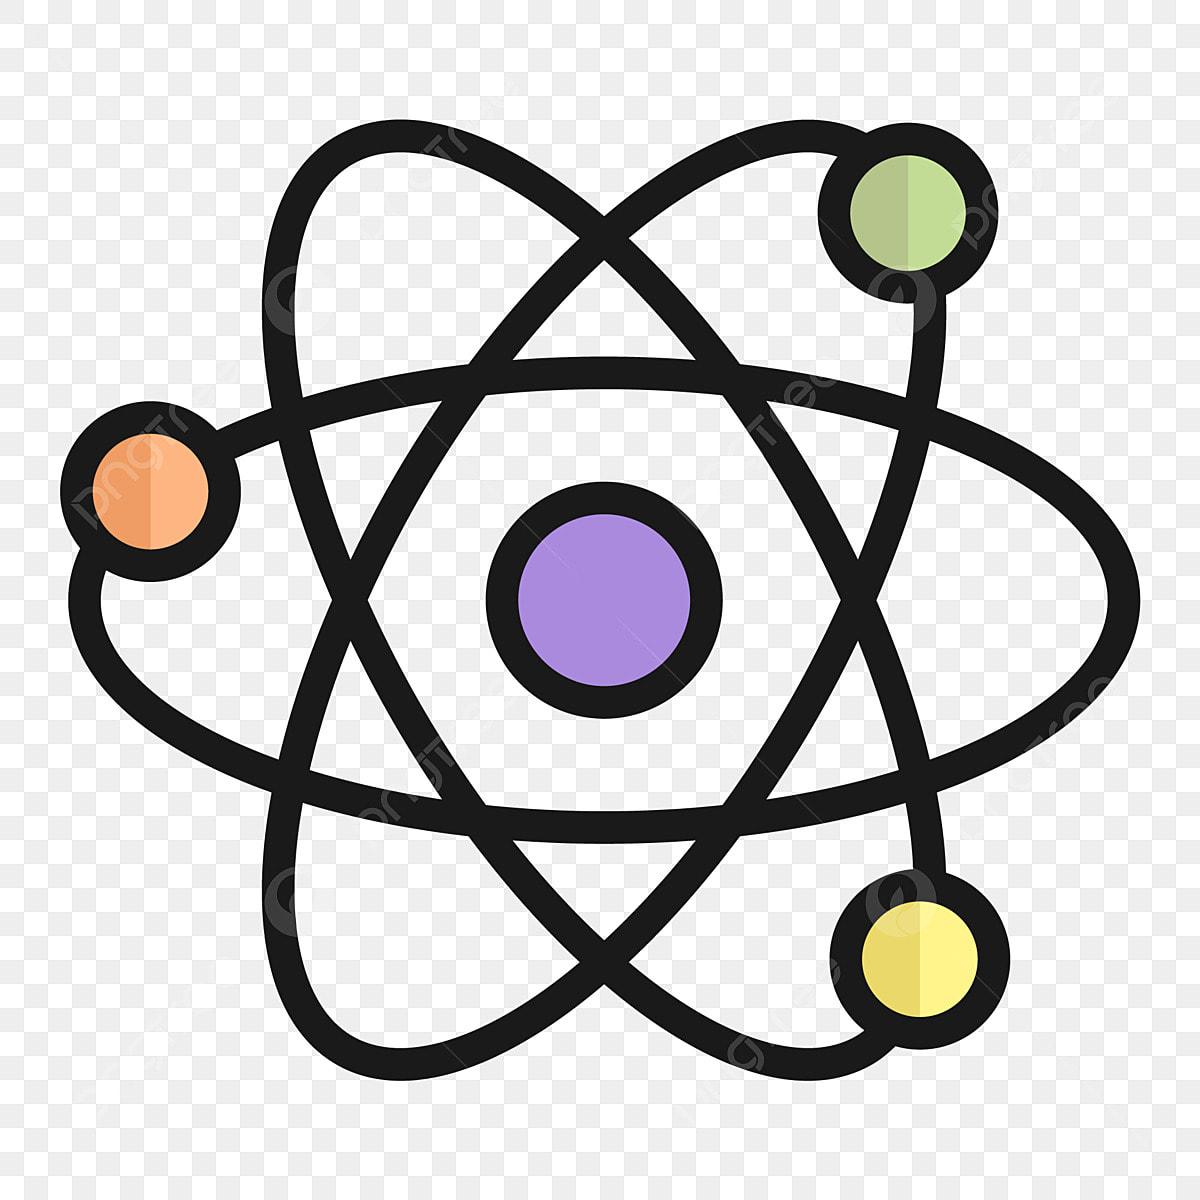 الفيزياء Png الصور ناقل و Psd الملفات تحميل مجاني على Pngtree